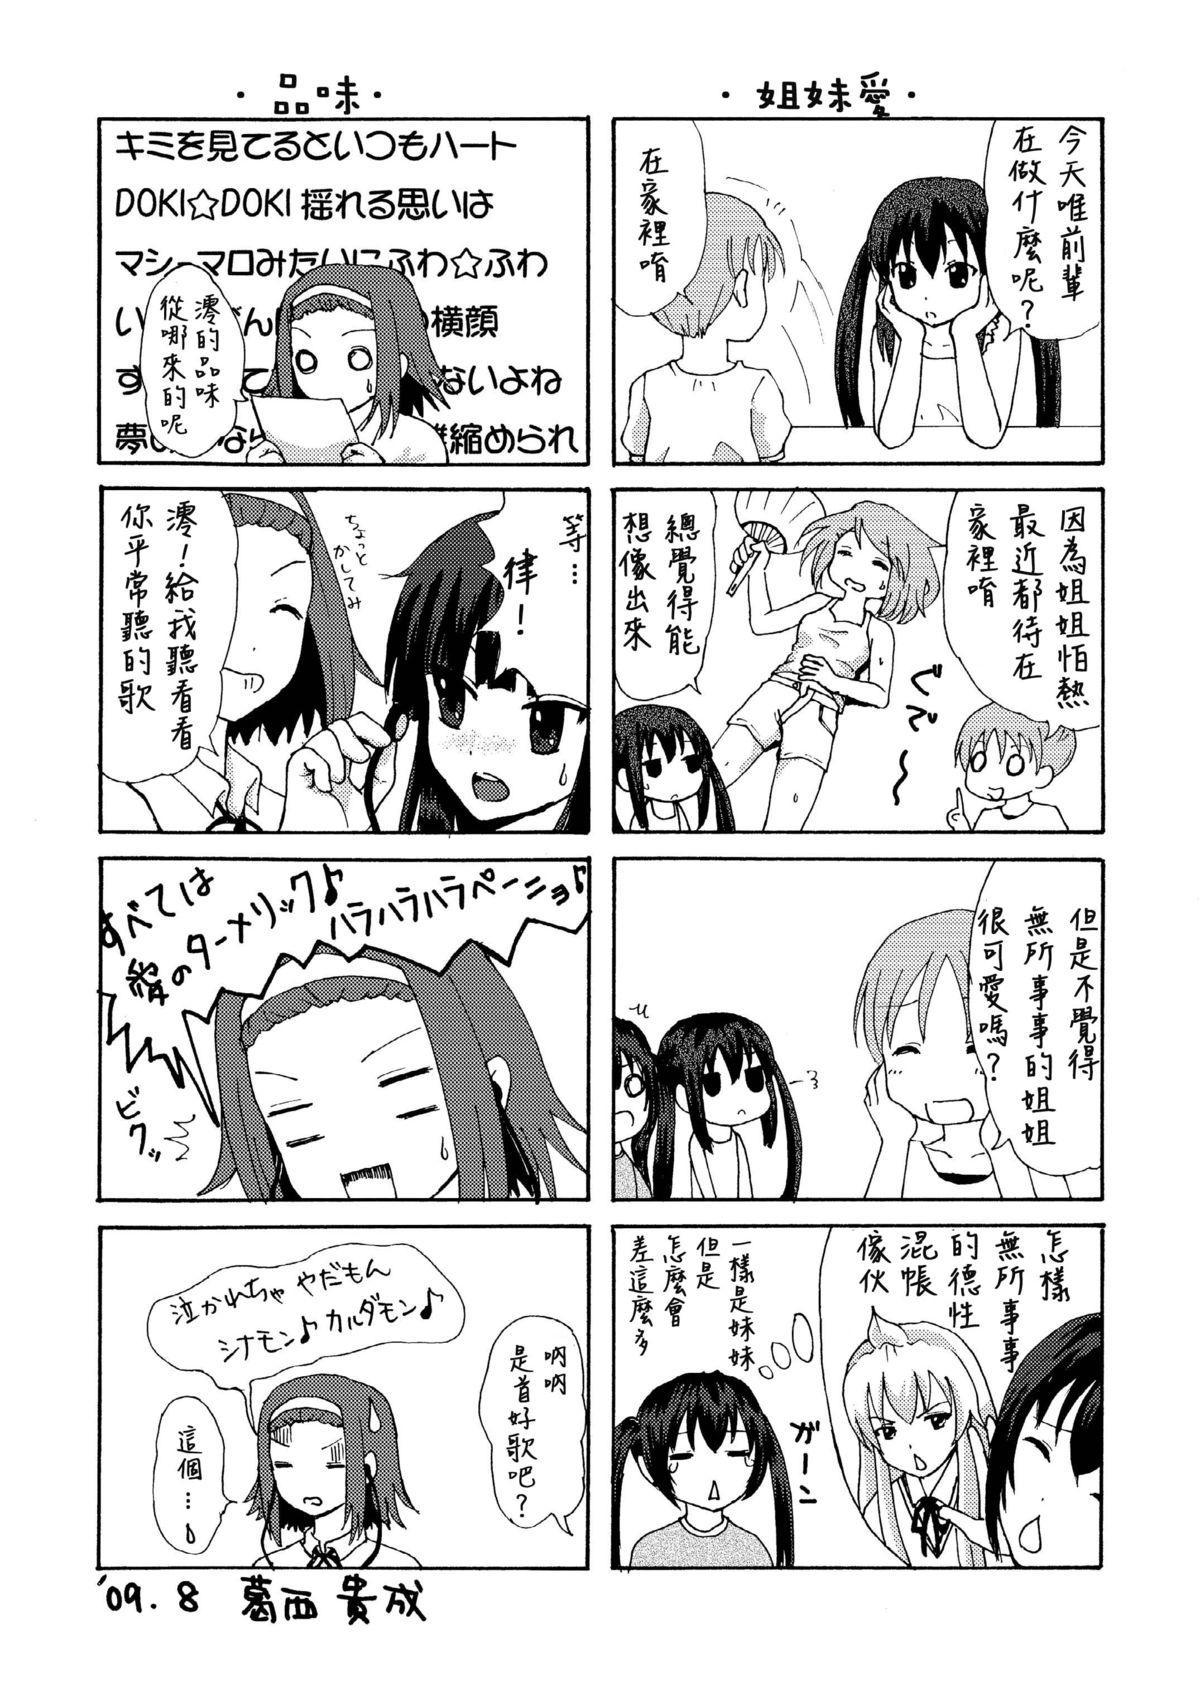 Minami Kana to Nakano Azusa no Hon 19